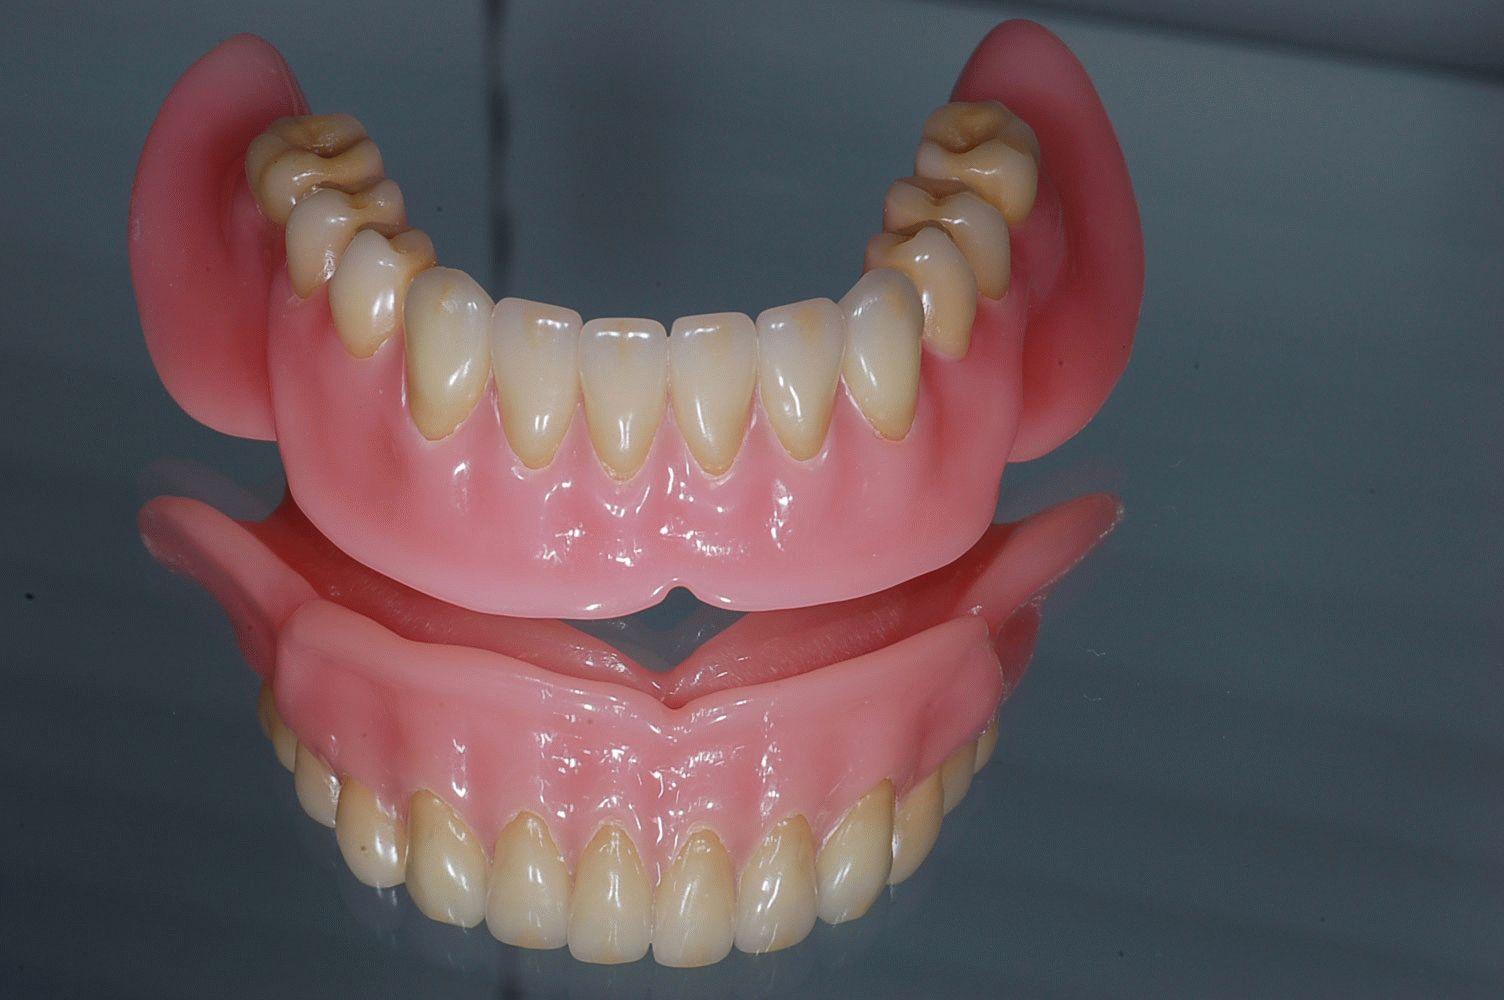 акриловый зубной протез фото отзывы особо охраняемые территории